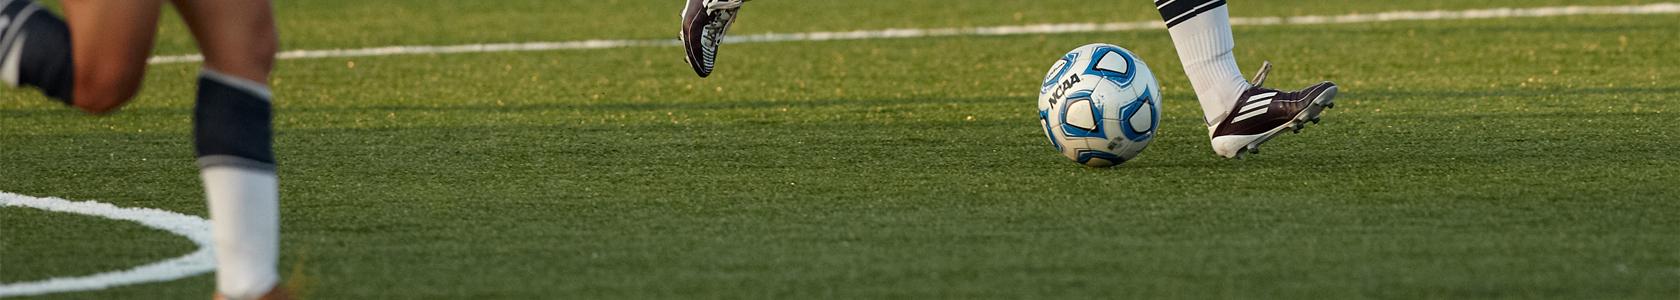 UTSA Women's Soccer